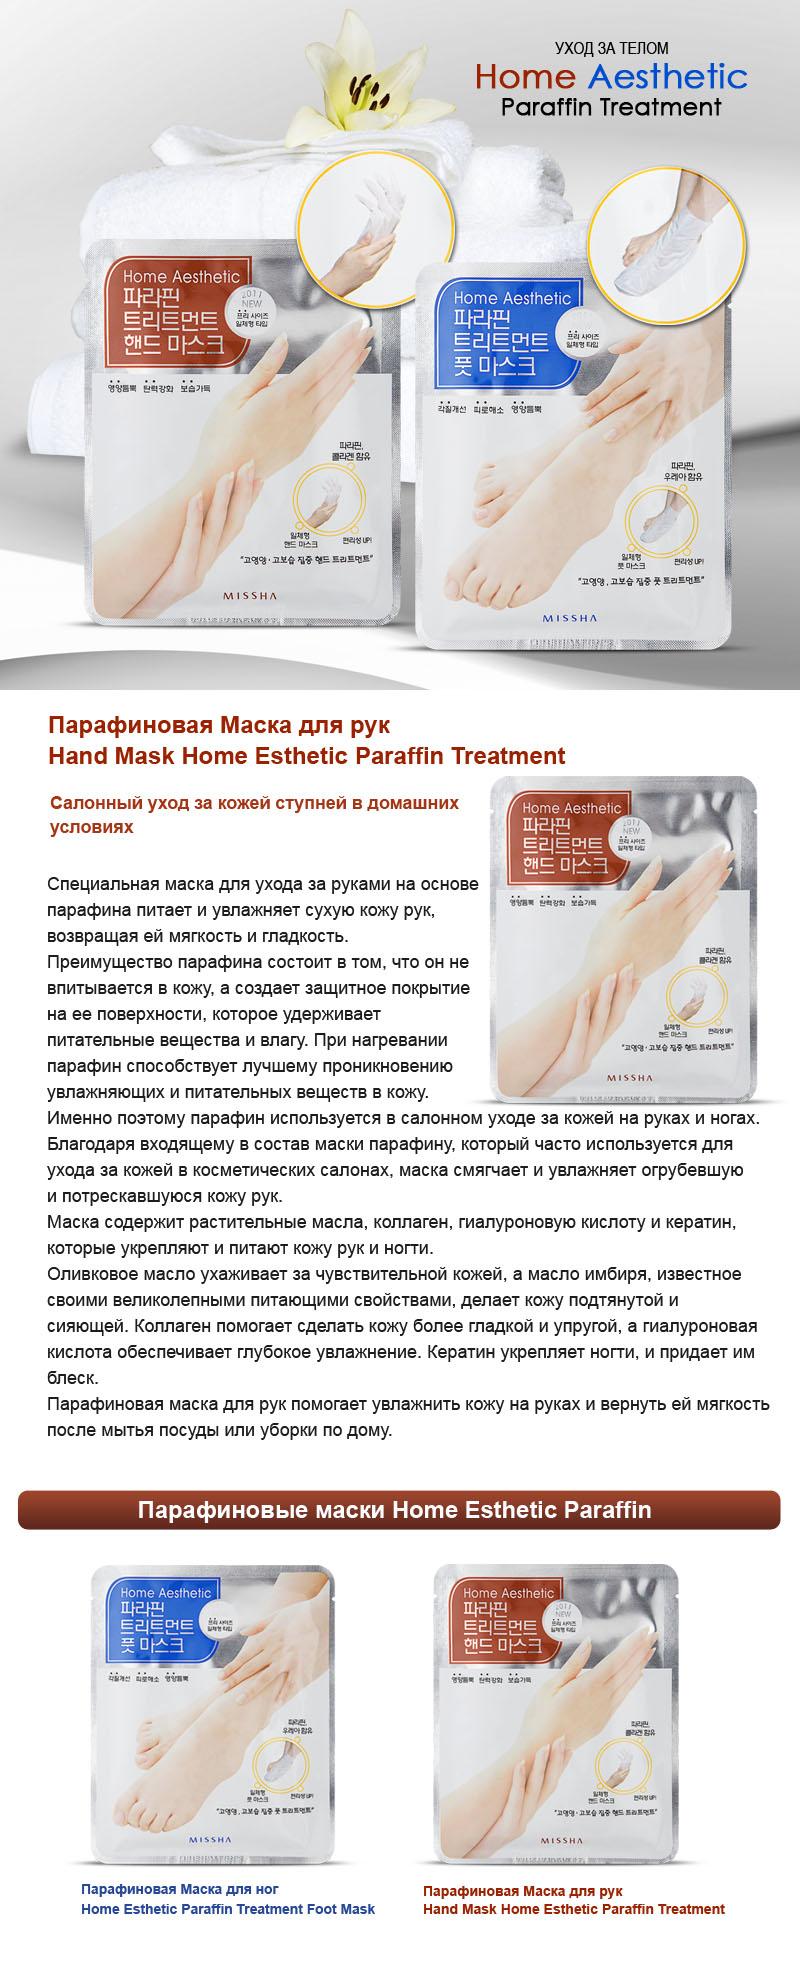 Отзывы парафинотерапия в домашних условиях